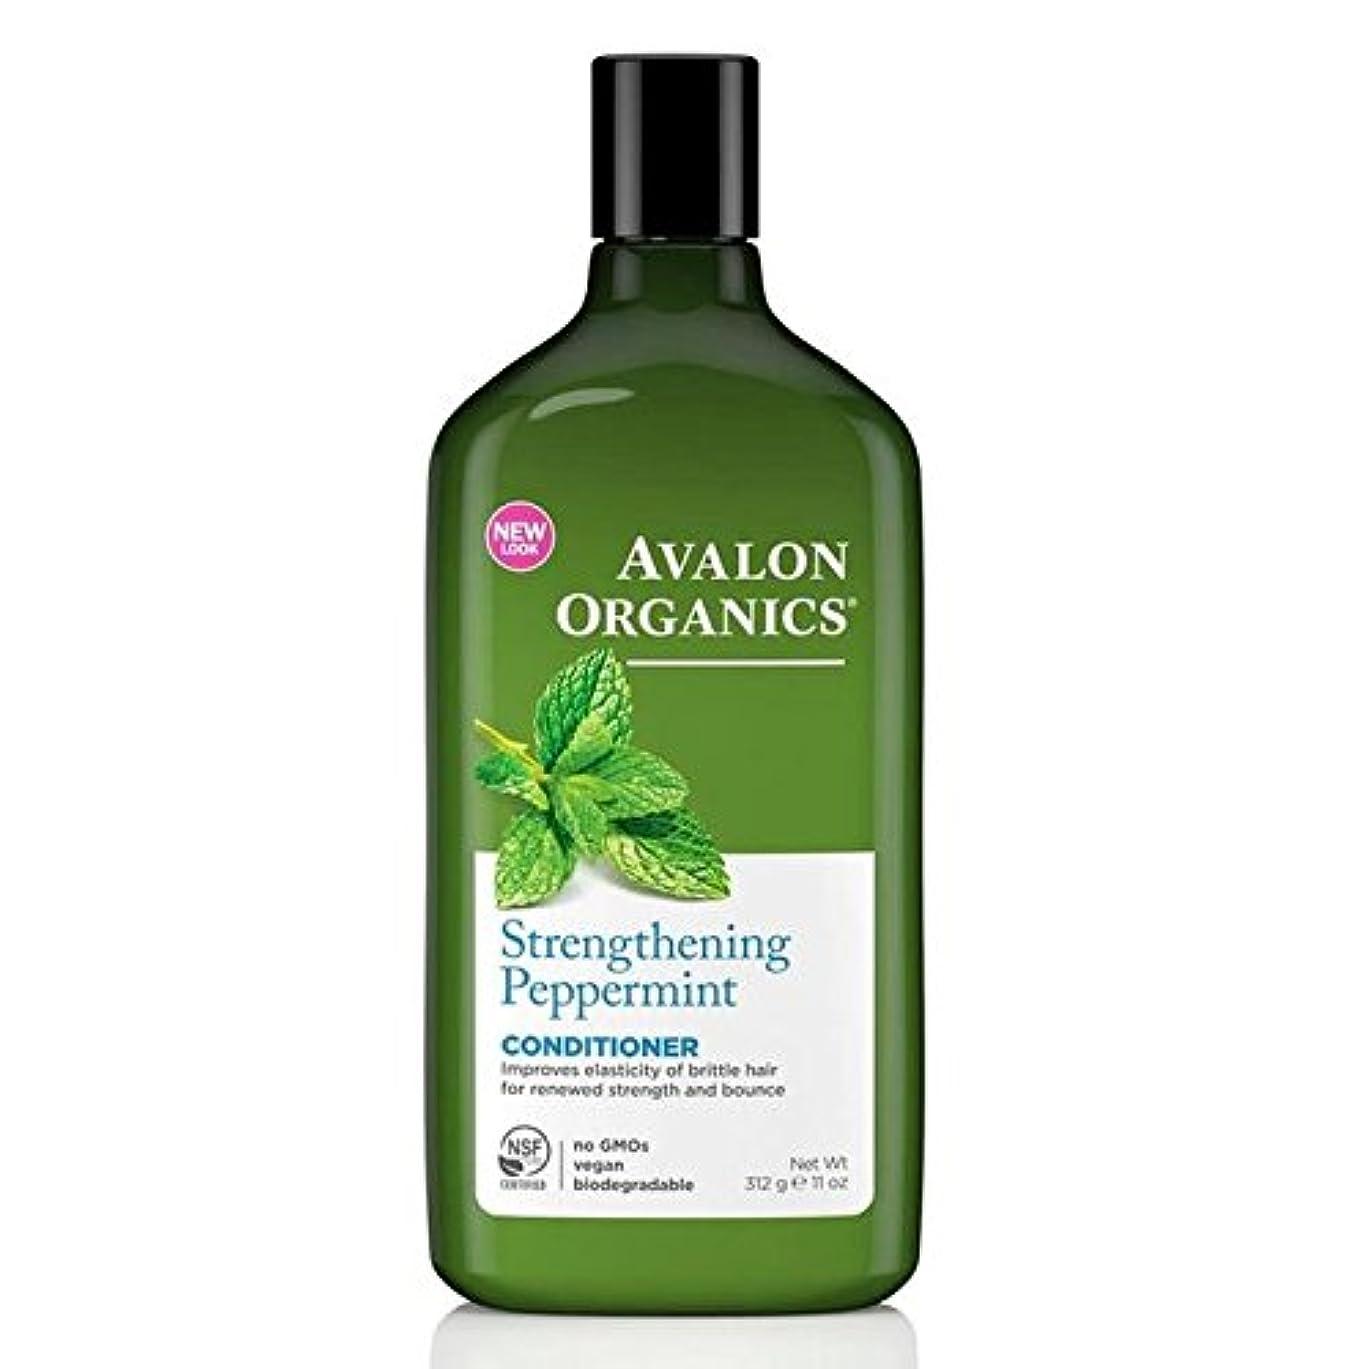 カリング困惑有彩色のAvalon Organics Peppermint Conditioner 325ml - (Avalon) ペパーミントコンディショナー325ミリリットル [並行輸入品]